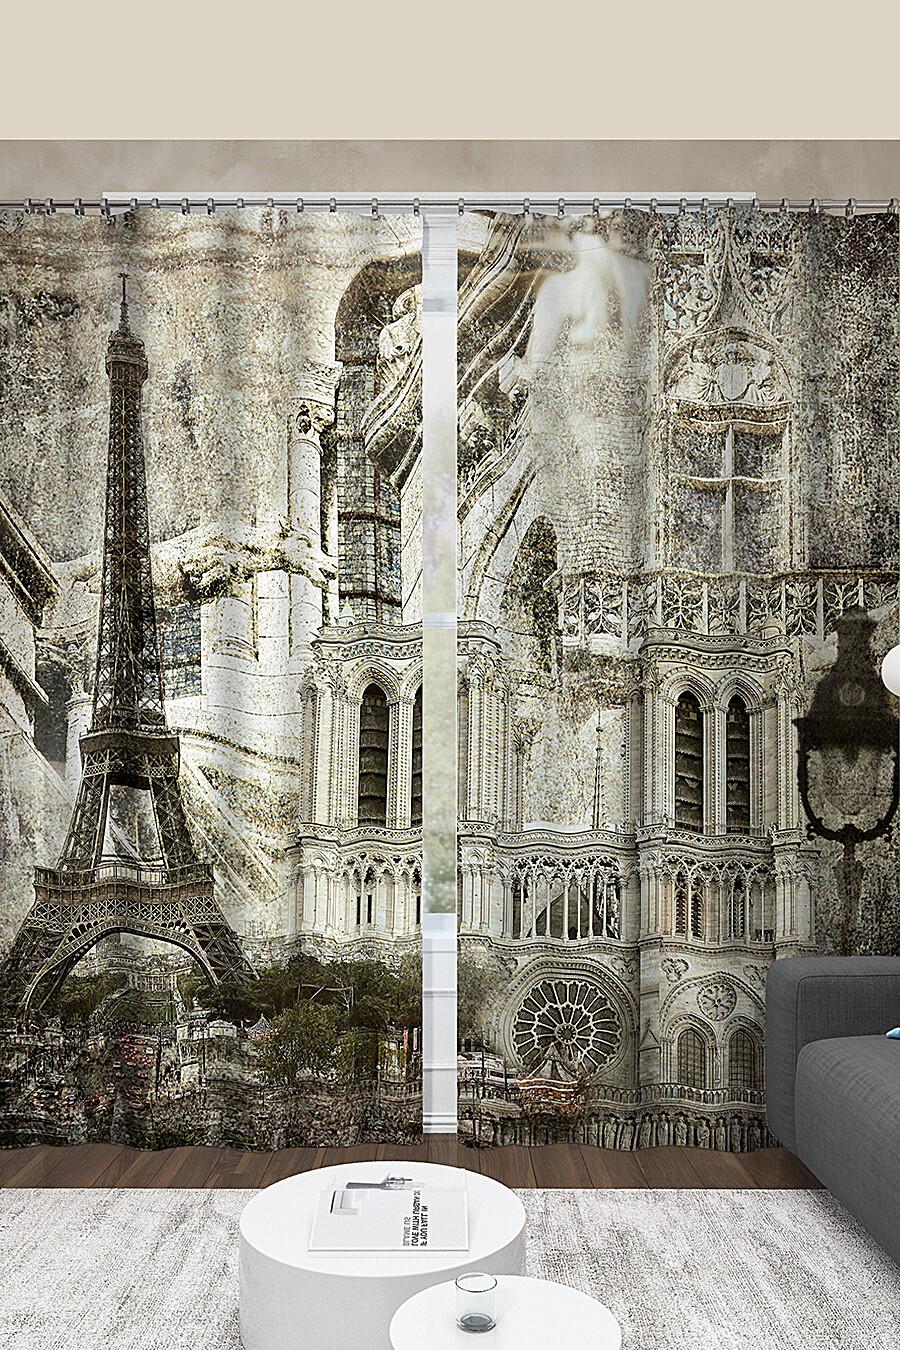 Фотошторы для дома ART HOME TEXTILE 123542 купить оптом от производителя. Совместная покупка товаров для дома в OptMoyo